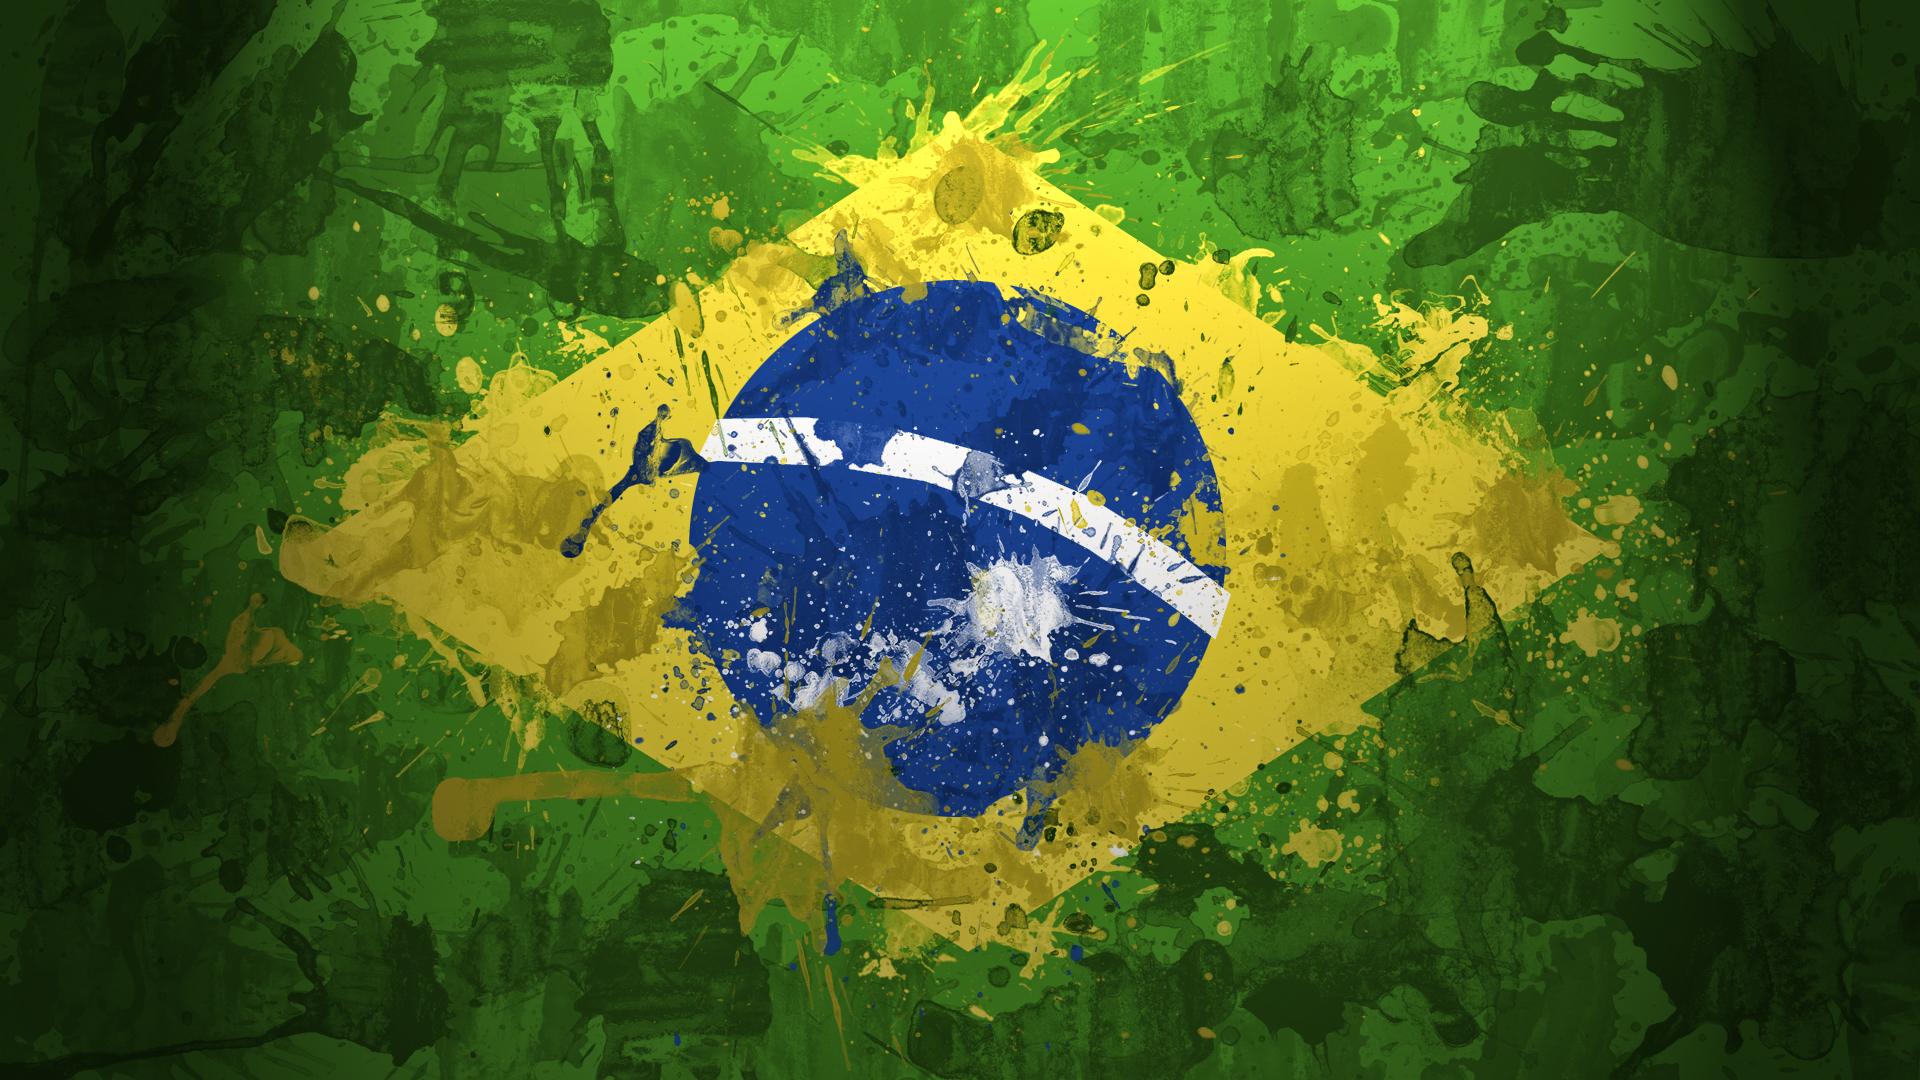 brazil_flag_wallpaper_by_magnaen-d38ob3k.jpg